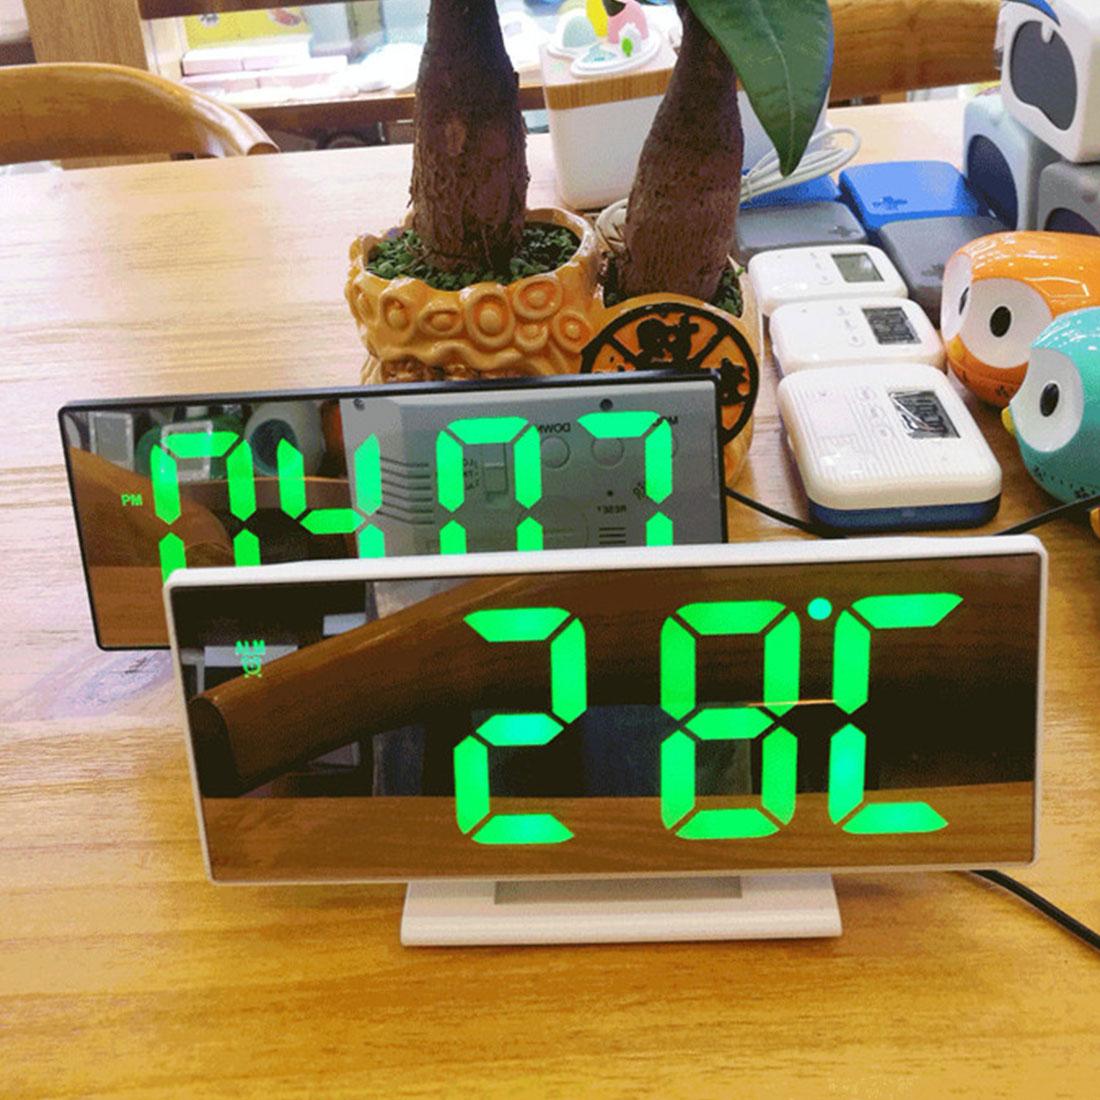 6 colores alarma de reloj Digital LED reloj espejo multifunción de repetición de tiempo de la noche Led de mesa de escritorio reloj despertador